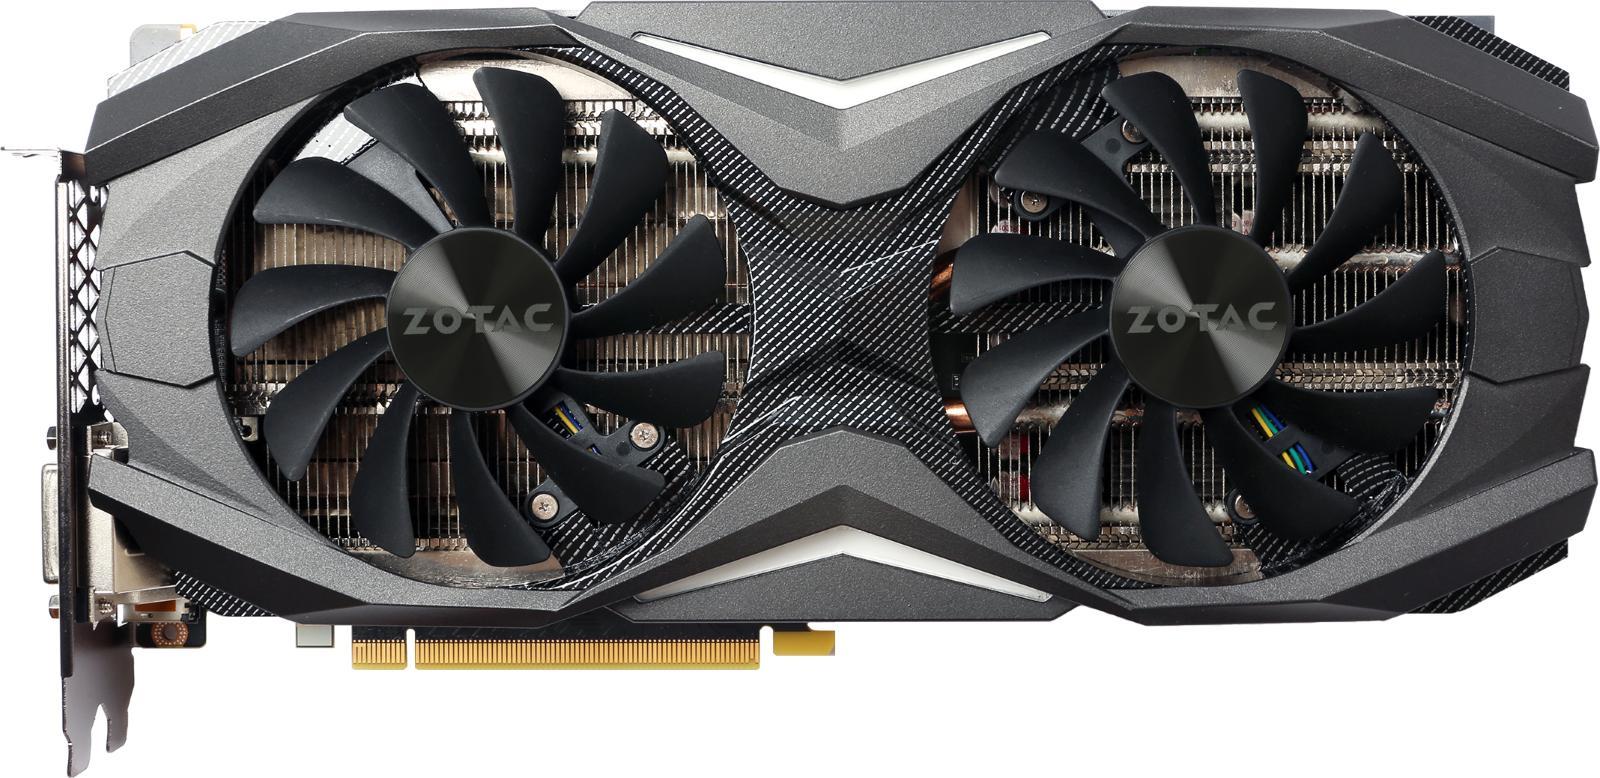 Zotac GeForce GTX 1070 AMP! Edition